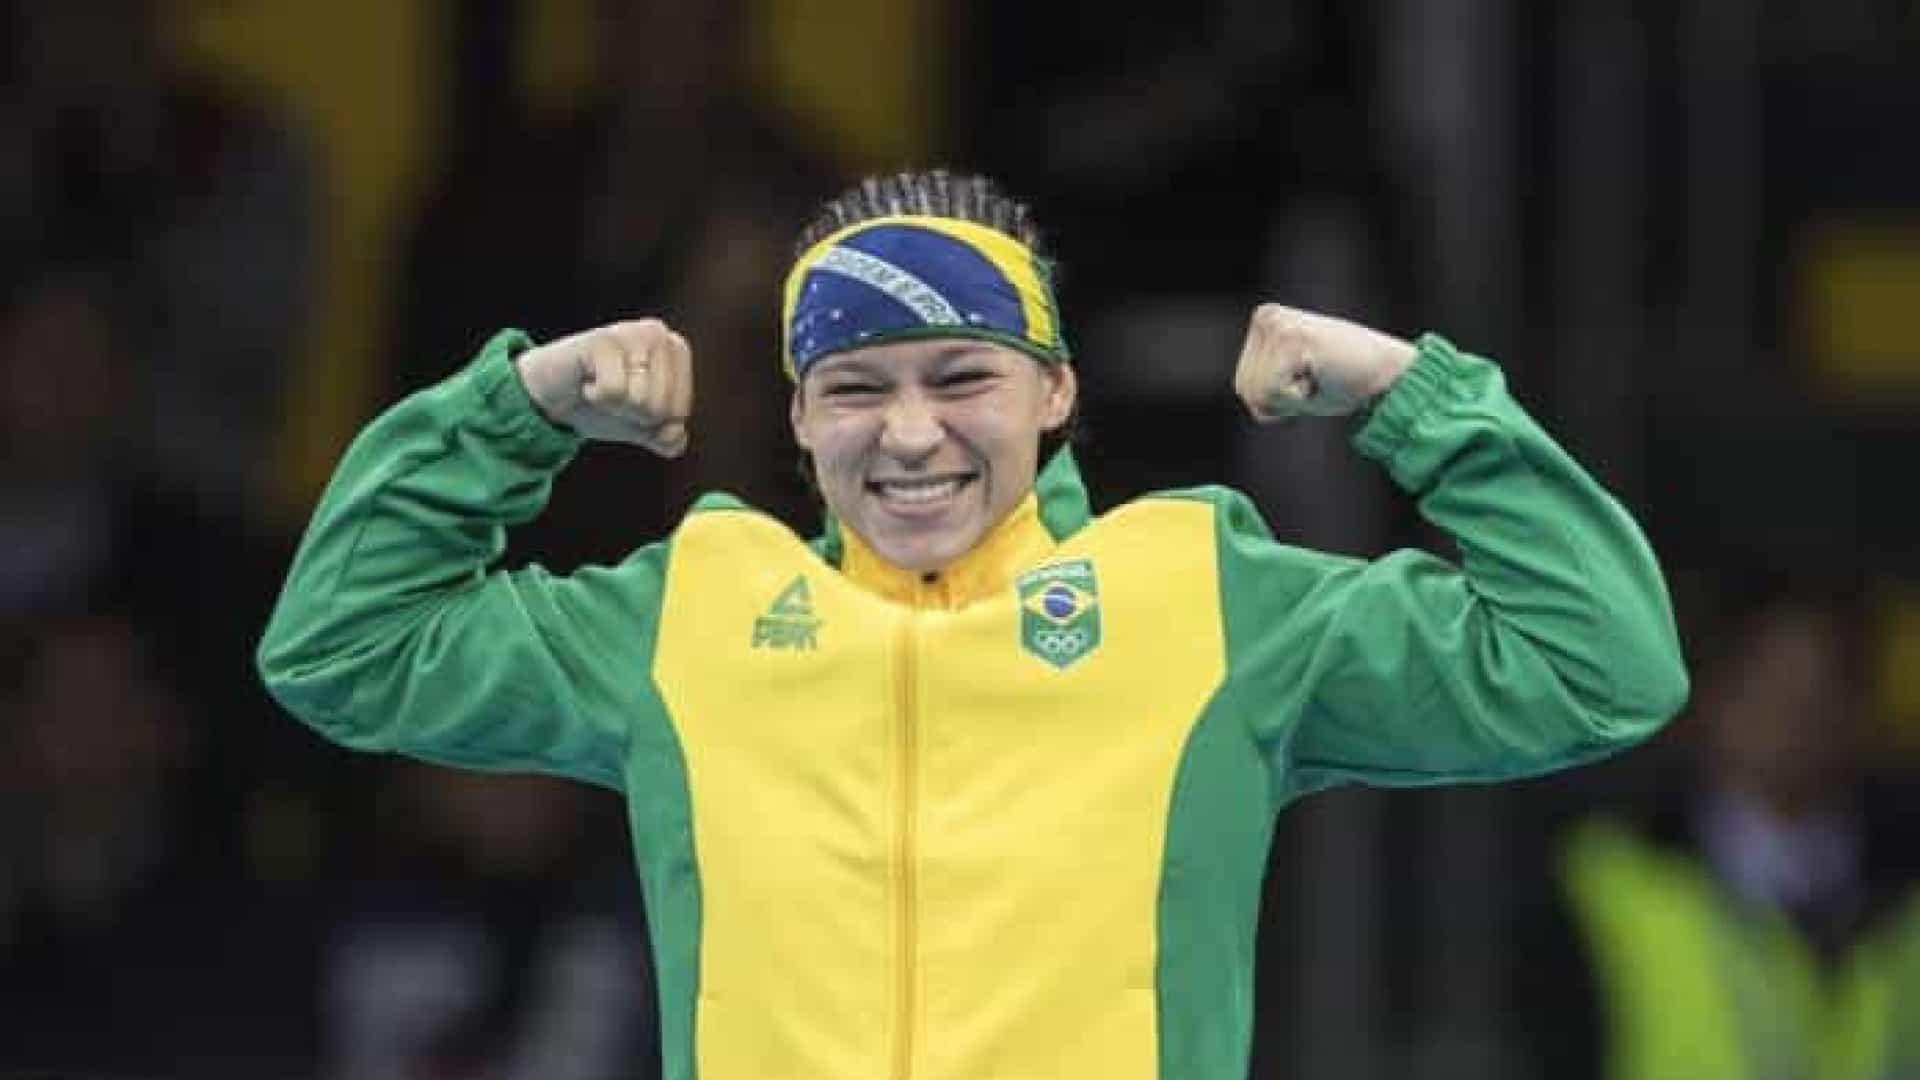 naom 5d9fad1a74ef3 - Brasileira conquista medalha inédita no Mundial de Boxe